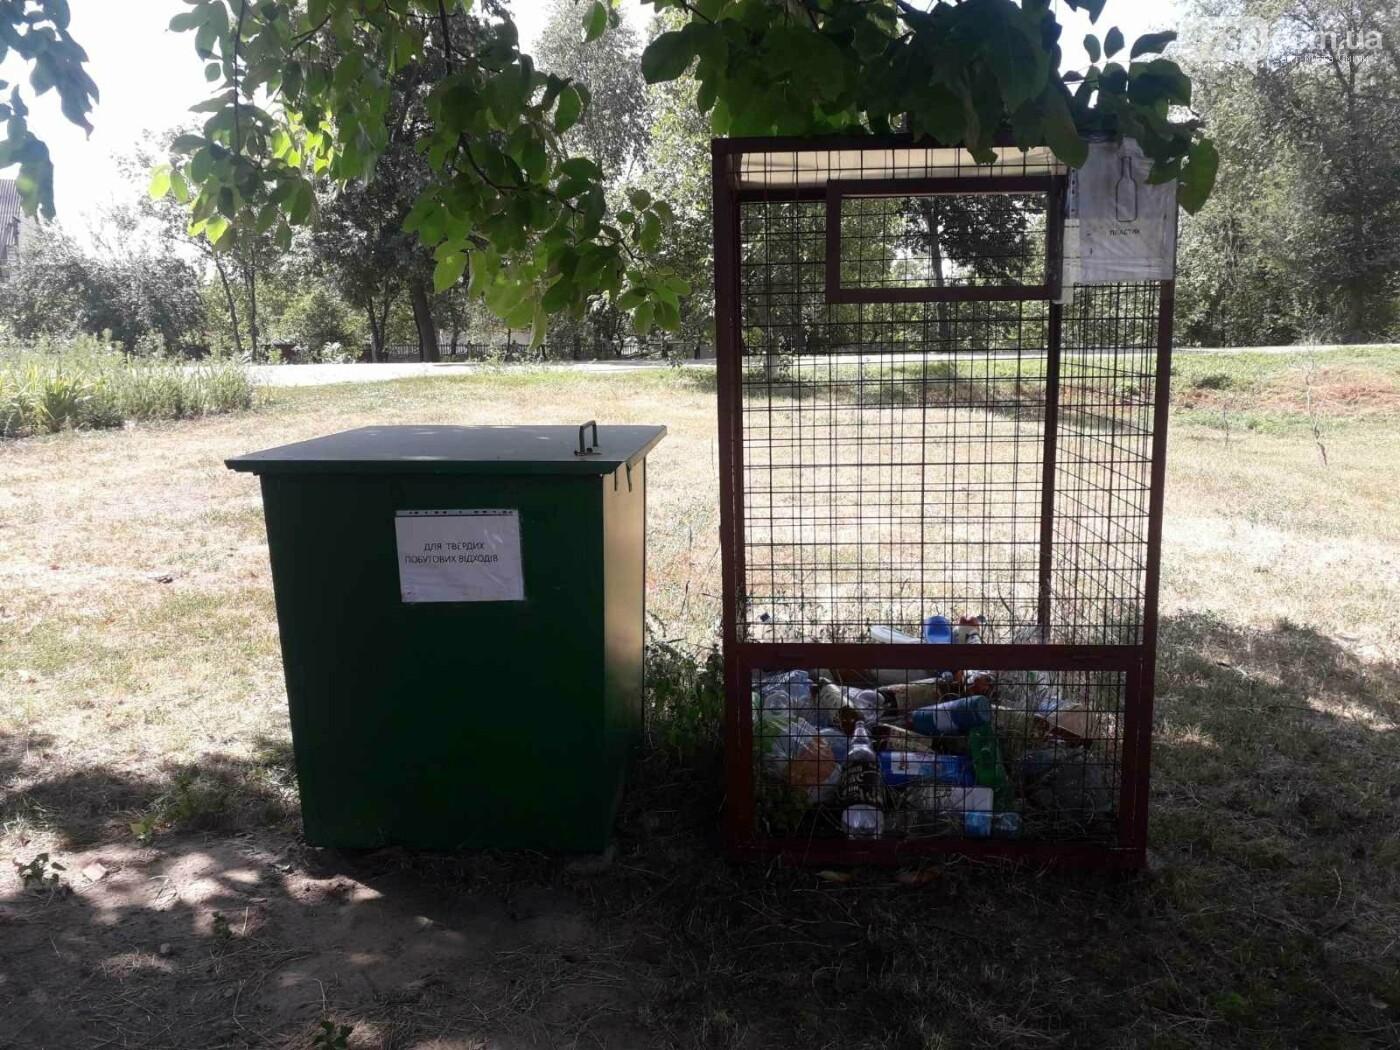 Ротмістрівська ОТГ впроваджує роздільний збір відходів, фото-1